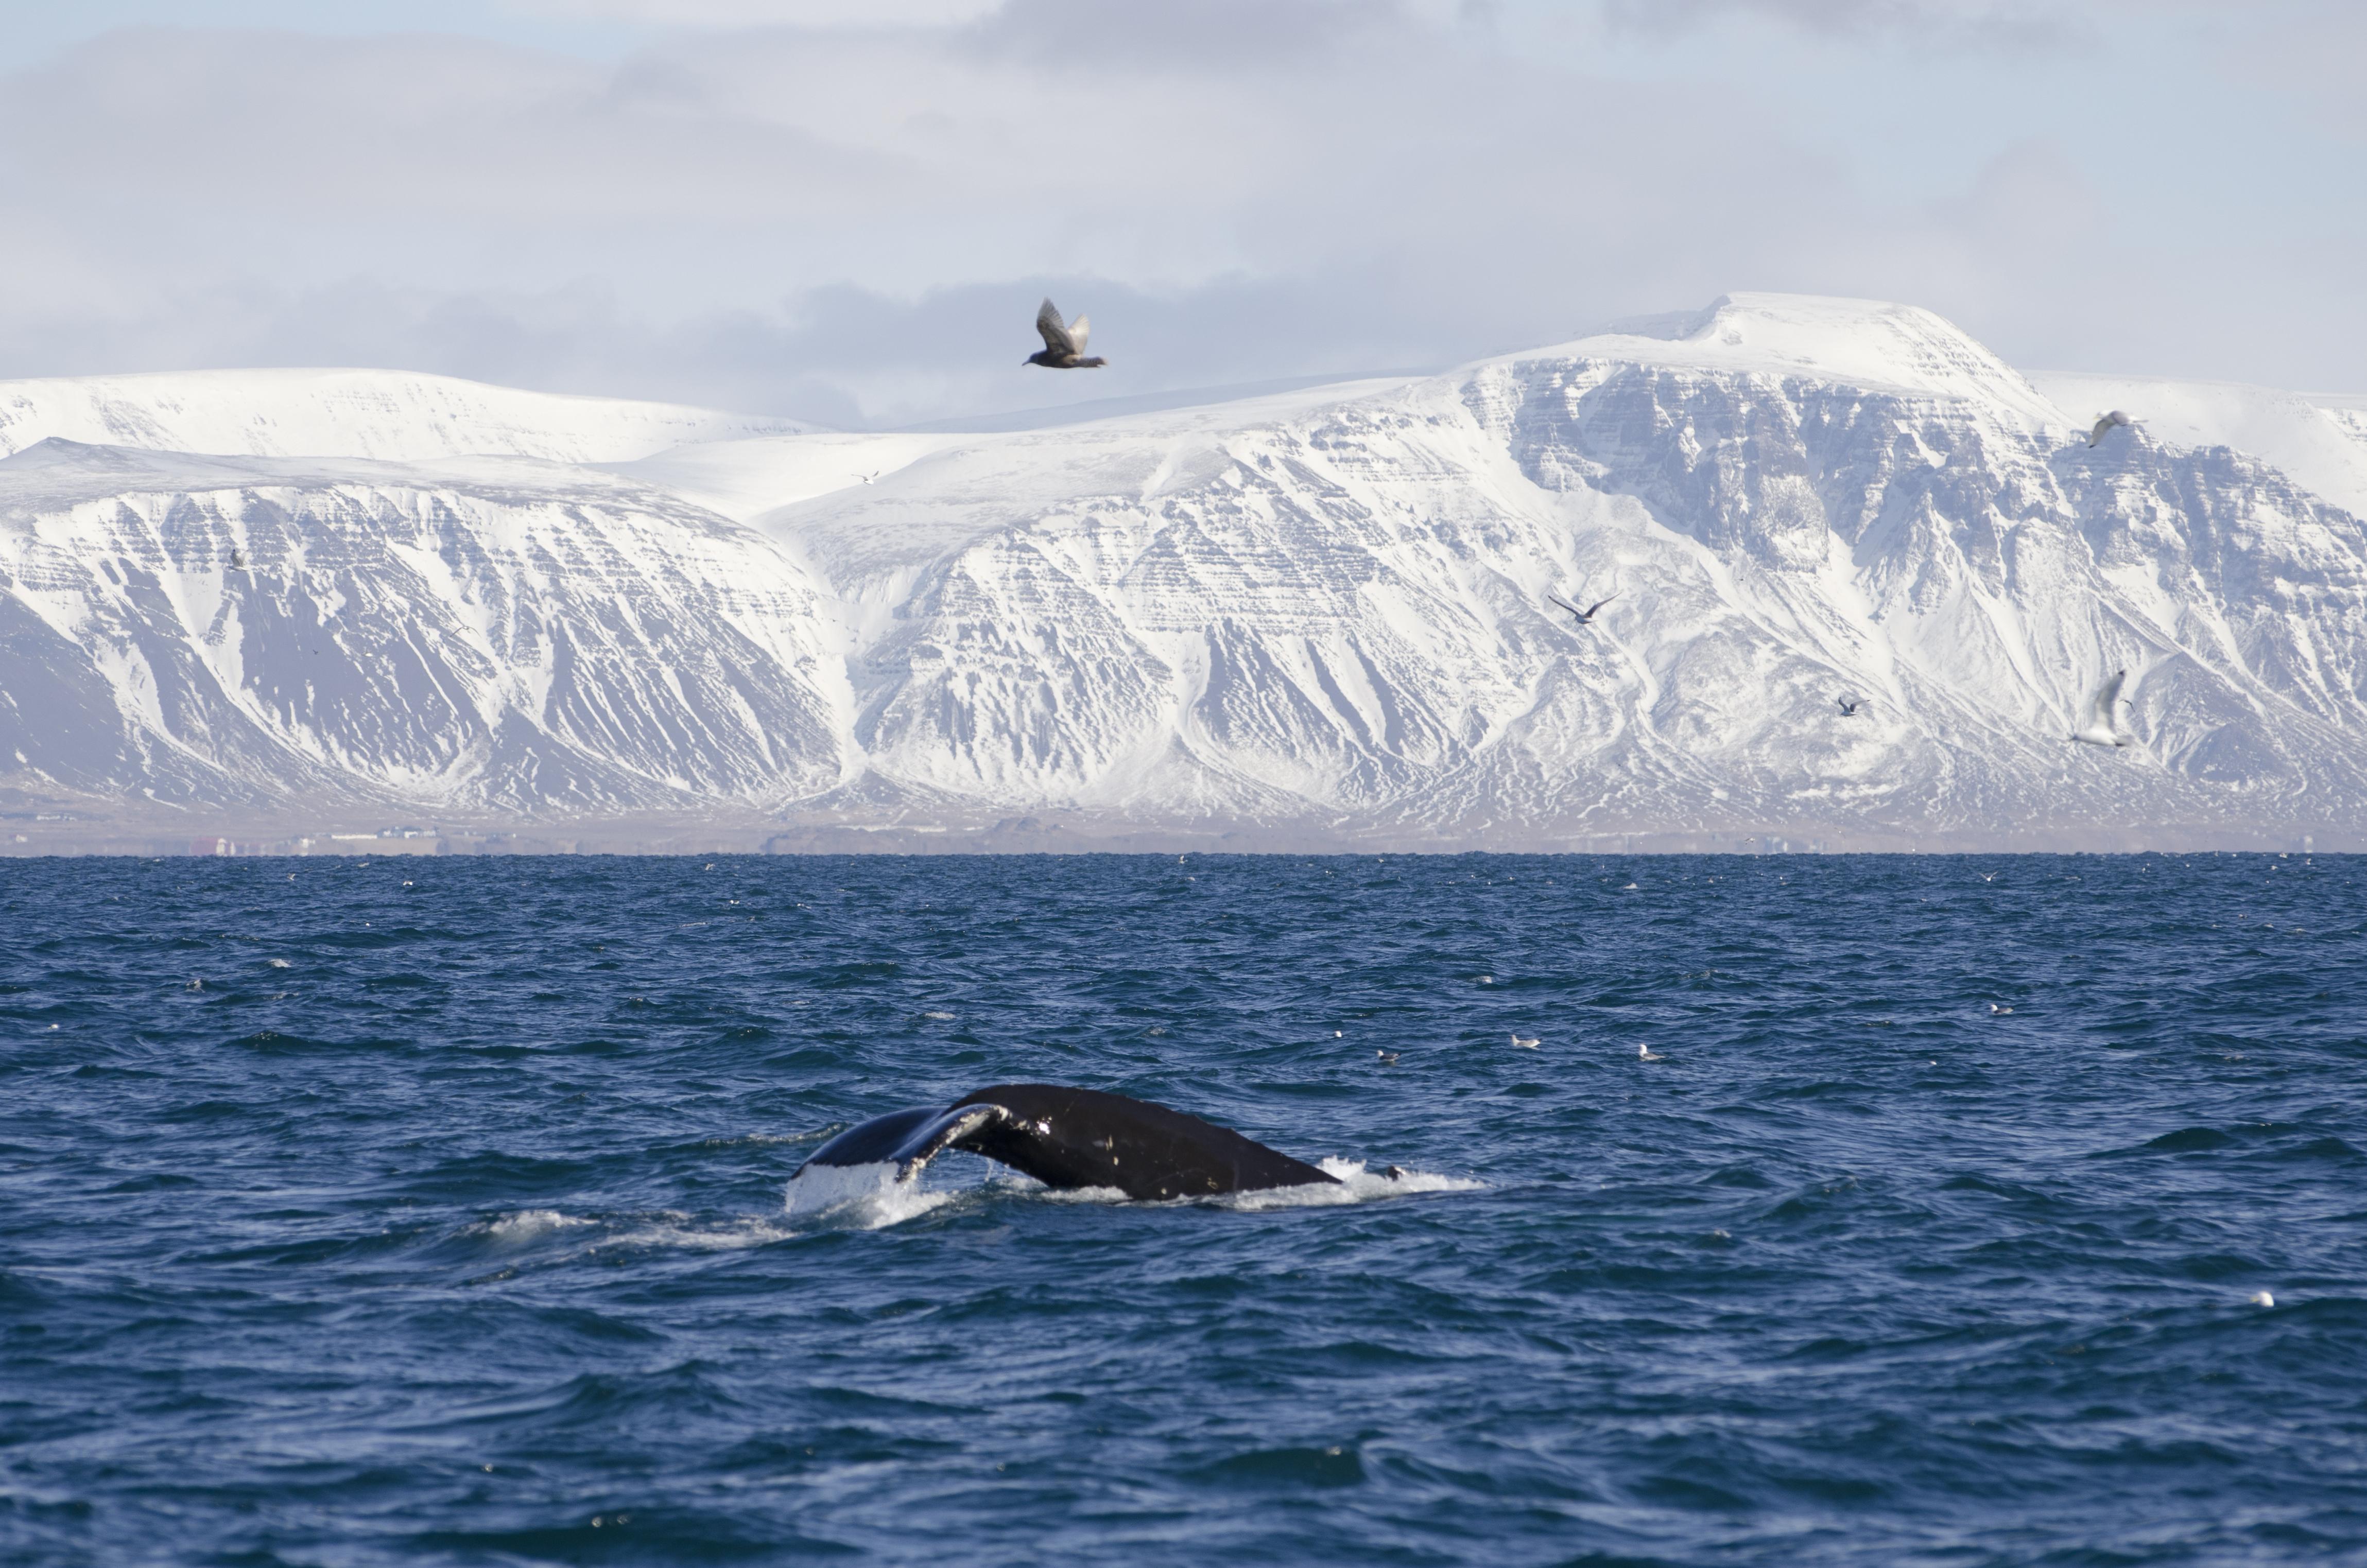 วาฬหลังค่อมว่ายนำก่อนที่หิมะจะปลกคลุมภูเขา ในประเทศไอซ์แลนด์ตอนตะวันตก.